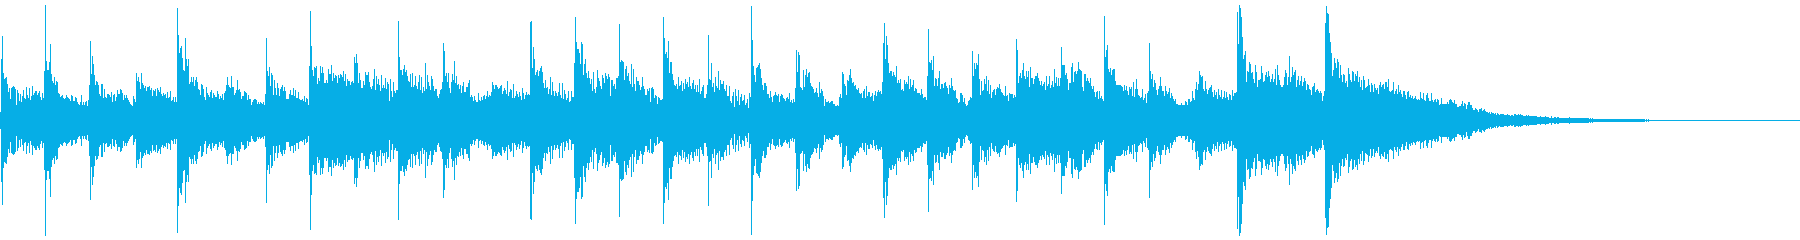 滑らかなメロディと滑らかなエンドス...の再生済みの波形